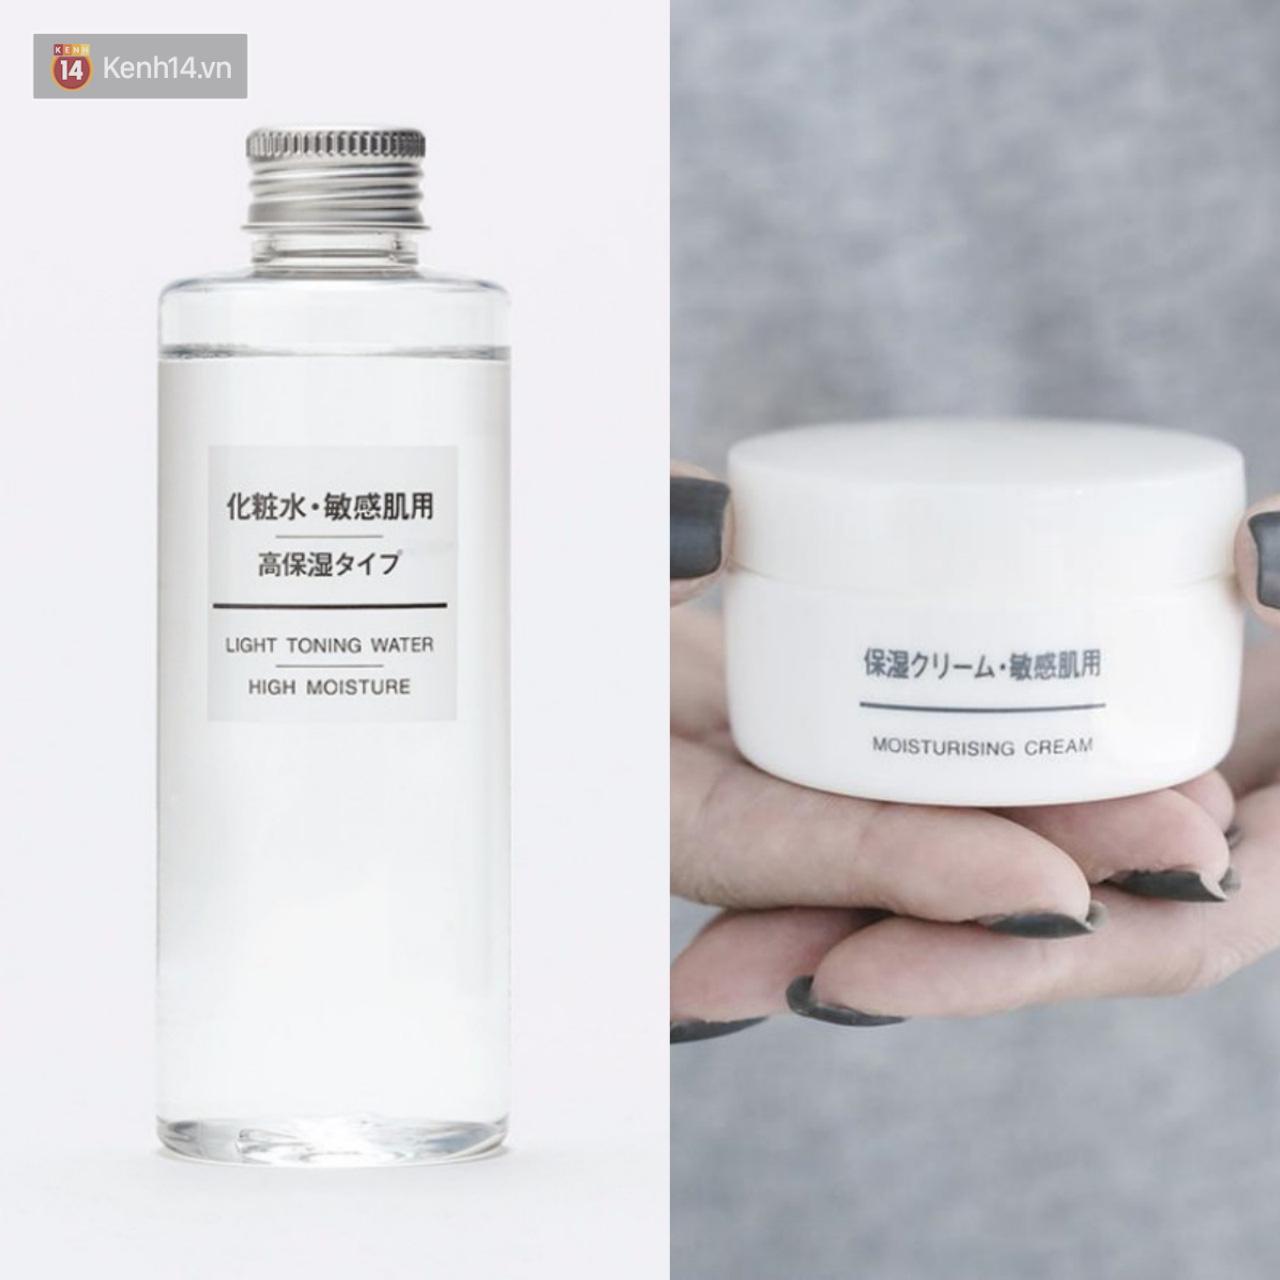 5 combo toner + kem dưỡng từ Hàn, Nhật giúp da luôn căng mọng như trái chín bất chấp thời tiết hanh hao giao mùa - Ảnh 4.